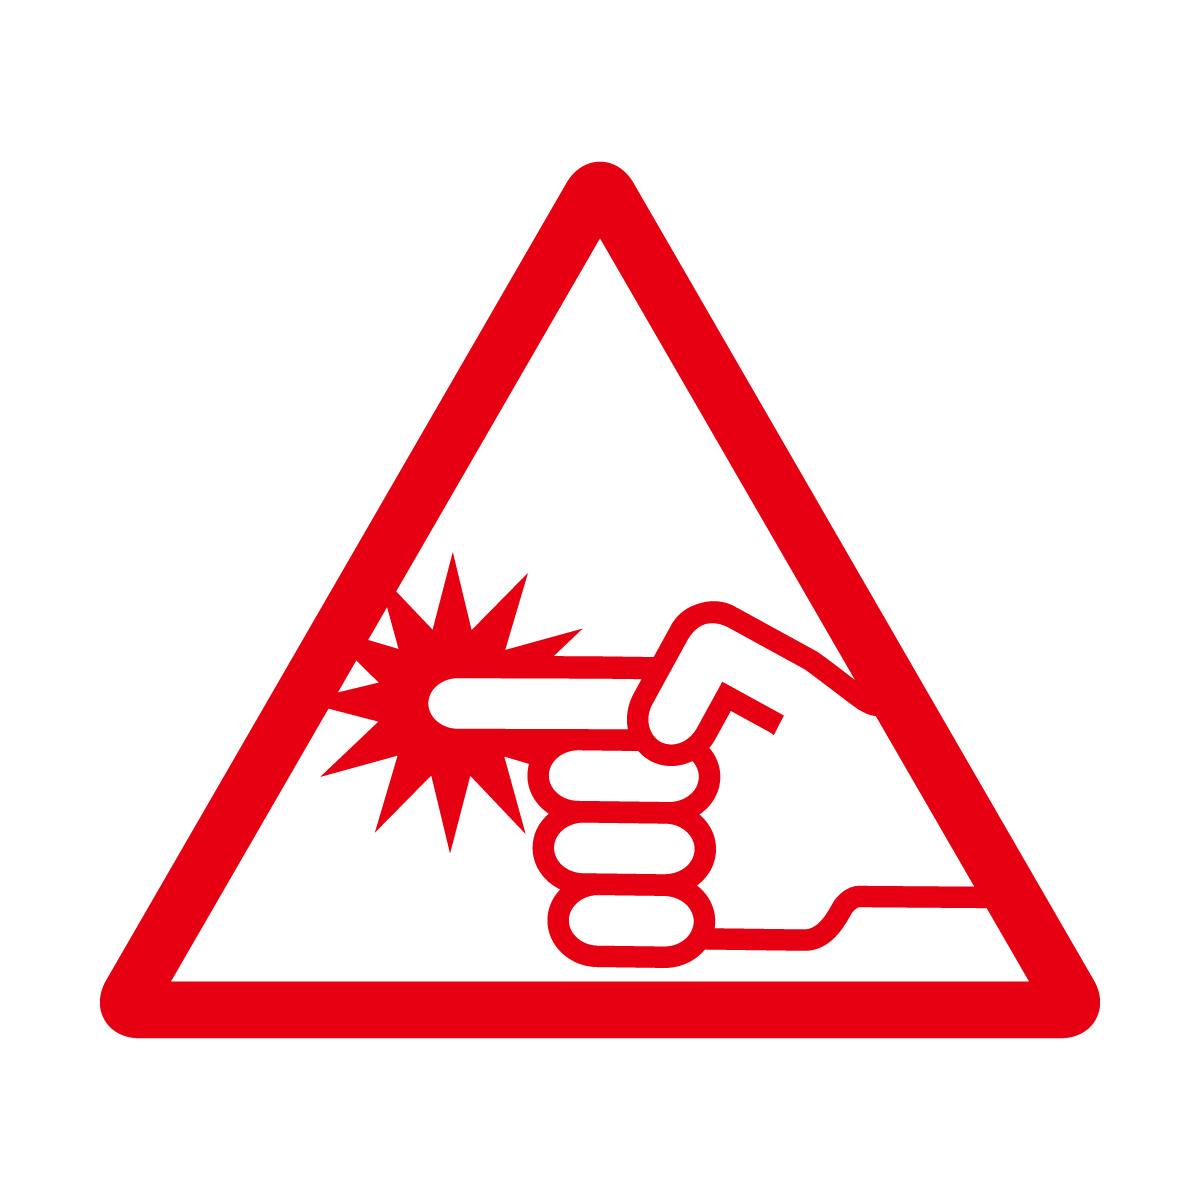 赤い指づめ・指挟み注意マークのカッティングシートステッカー・シール